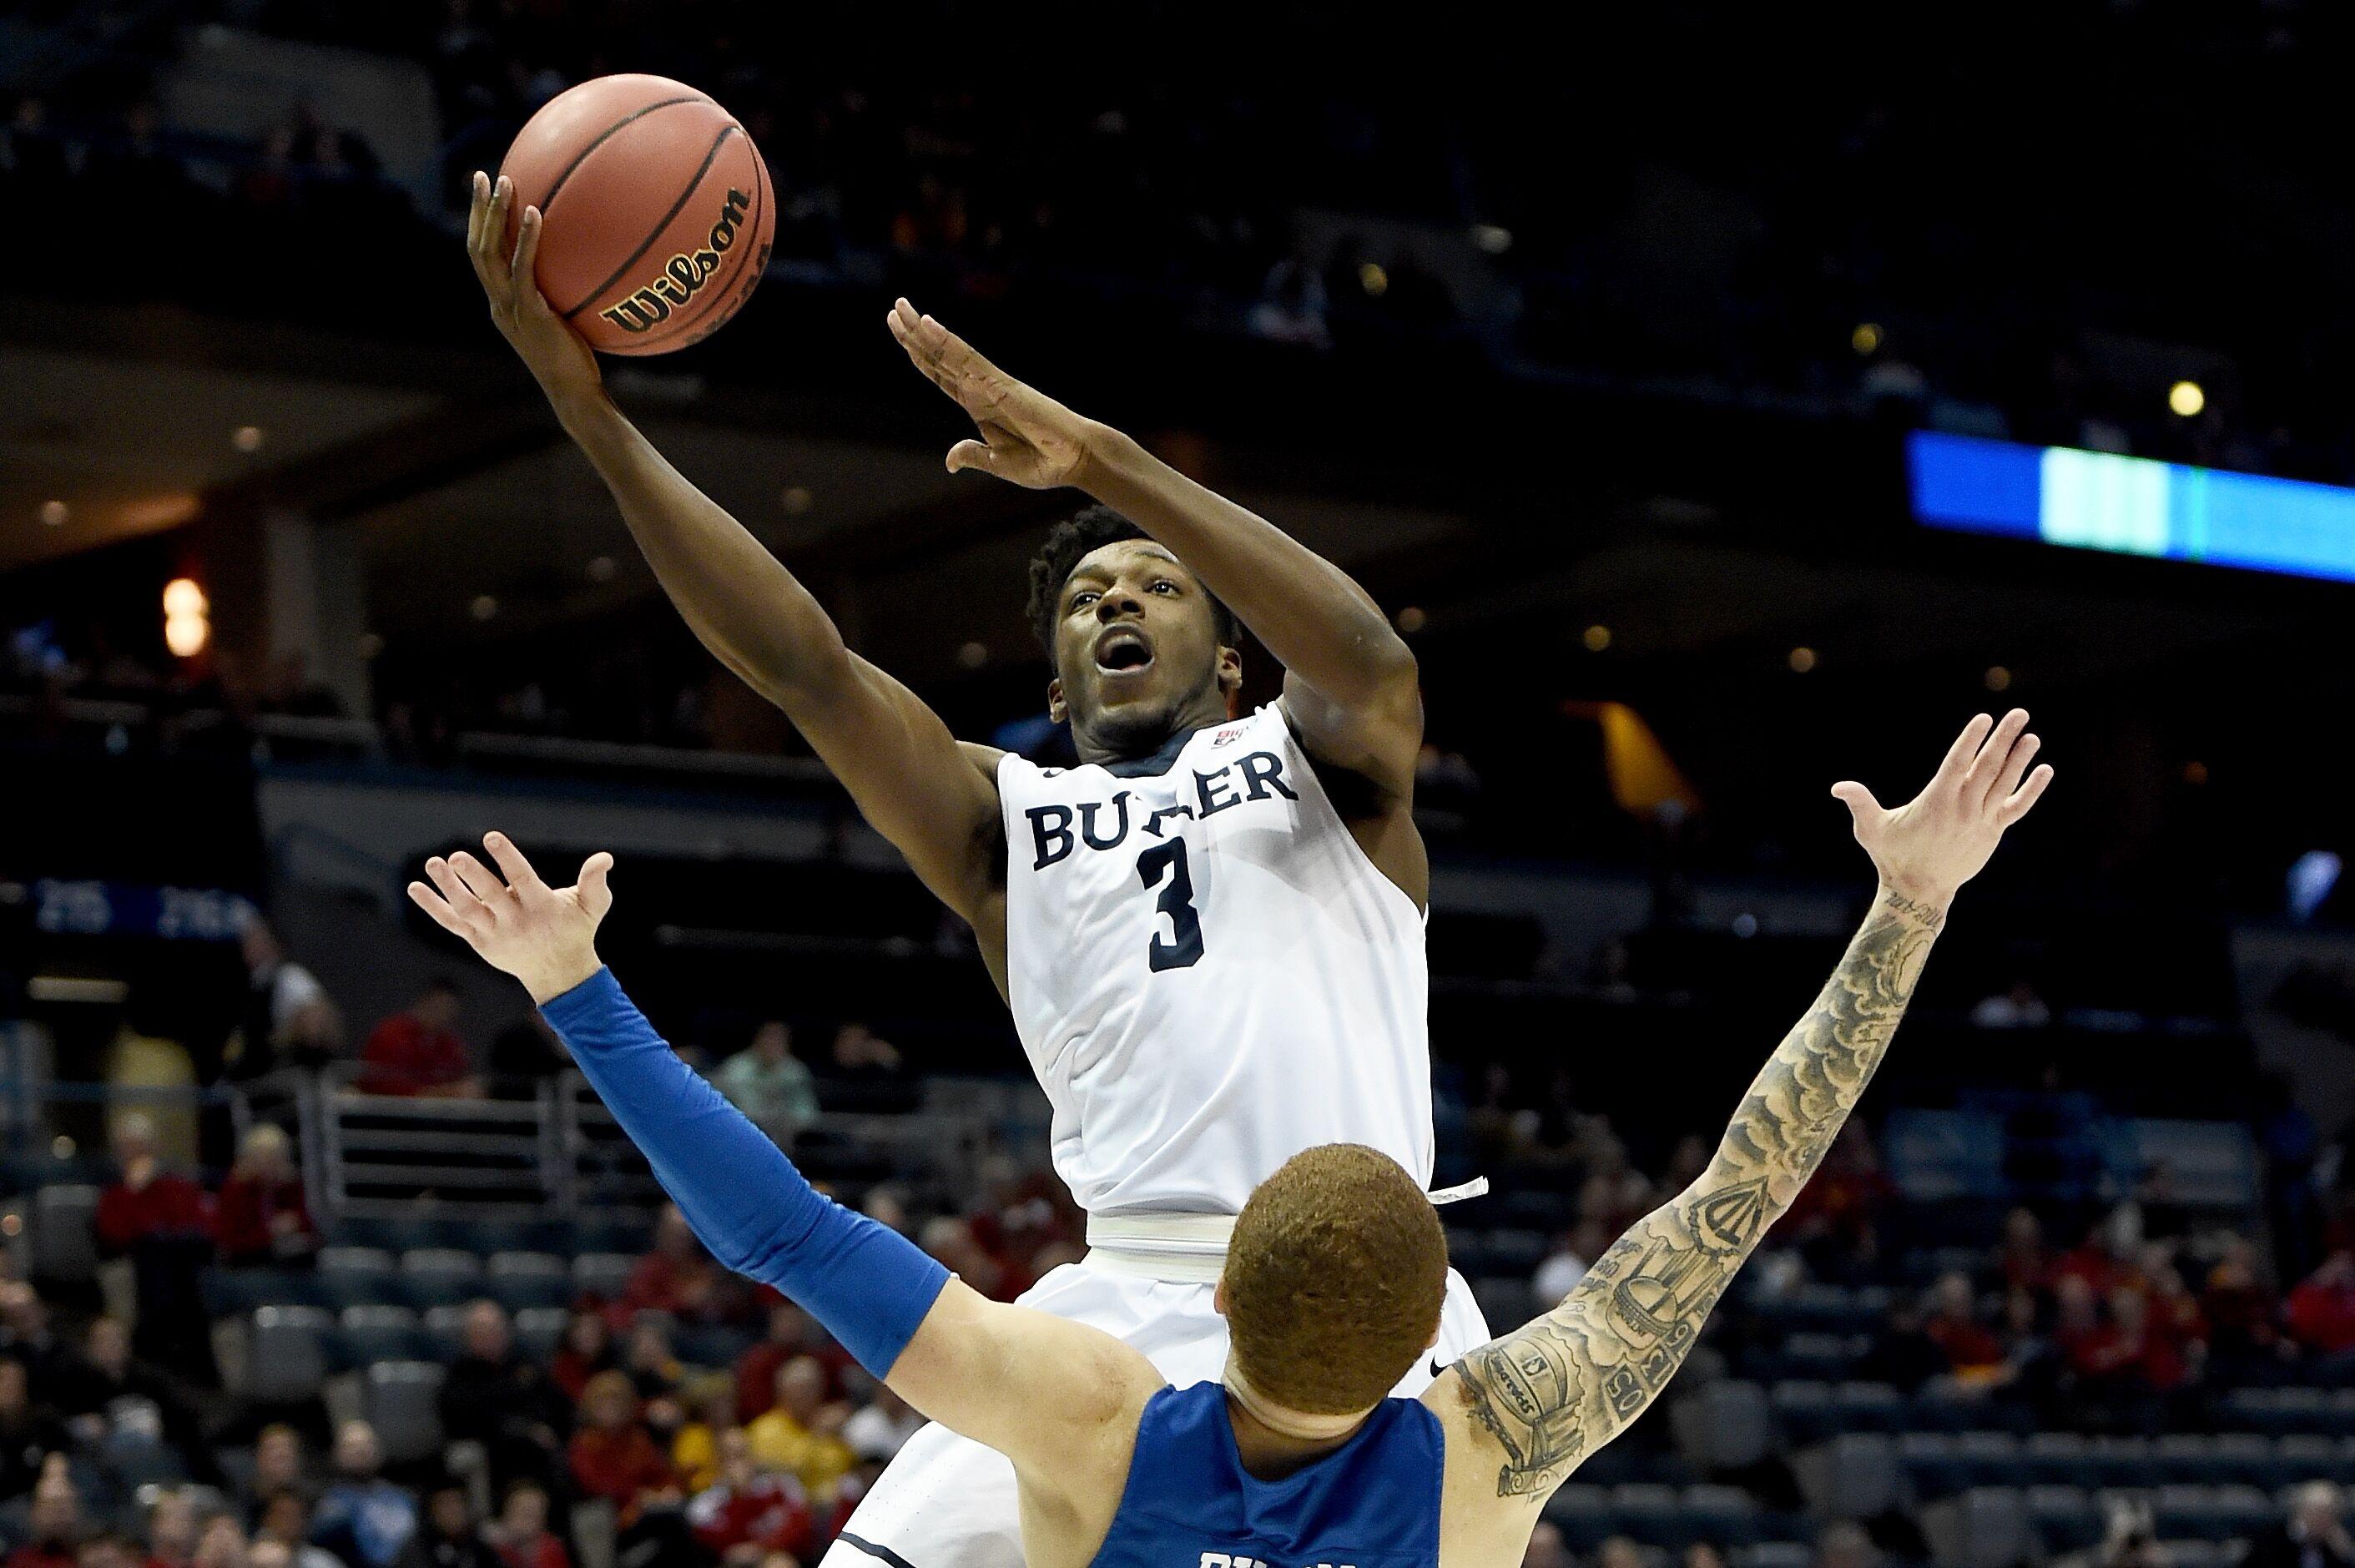 Kentucky Basketball 2017 18 Season Preview For The Wildcats: Butler Basketball: 2017-18 Season Preview For The Bulldogs